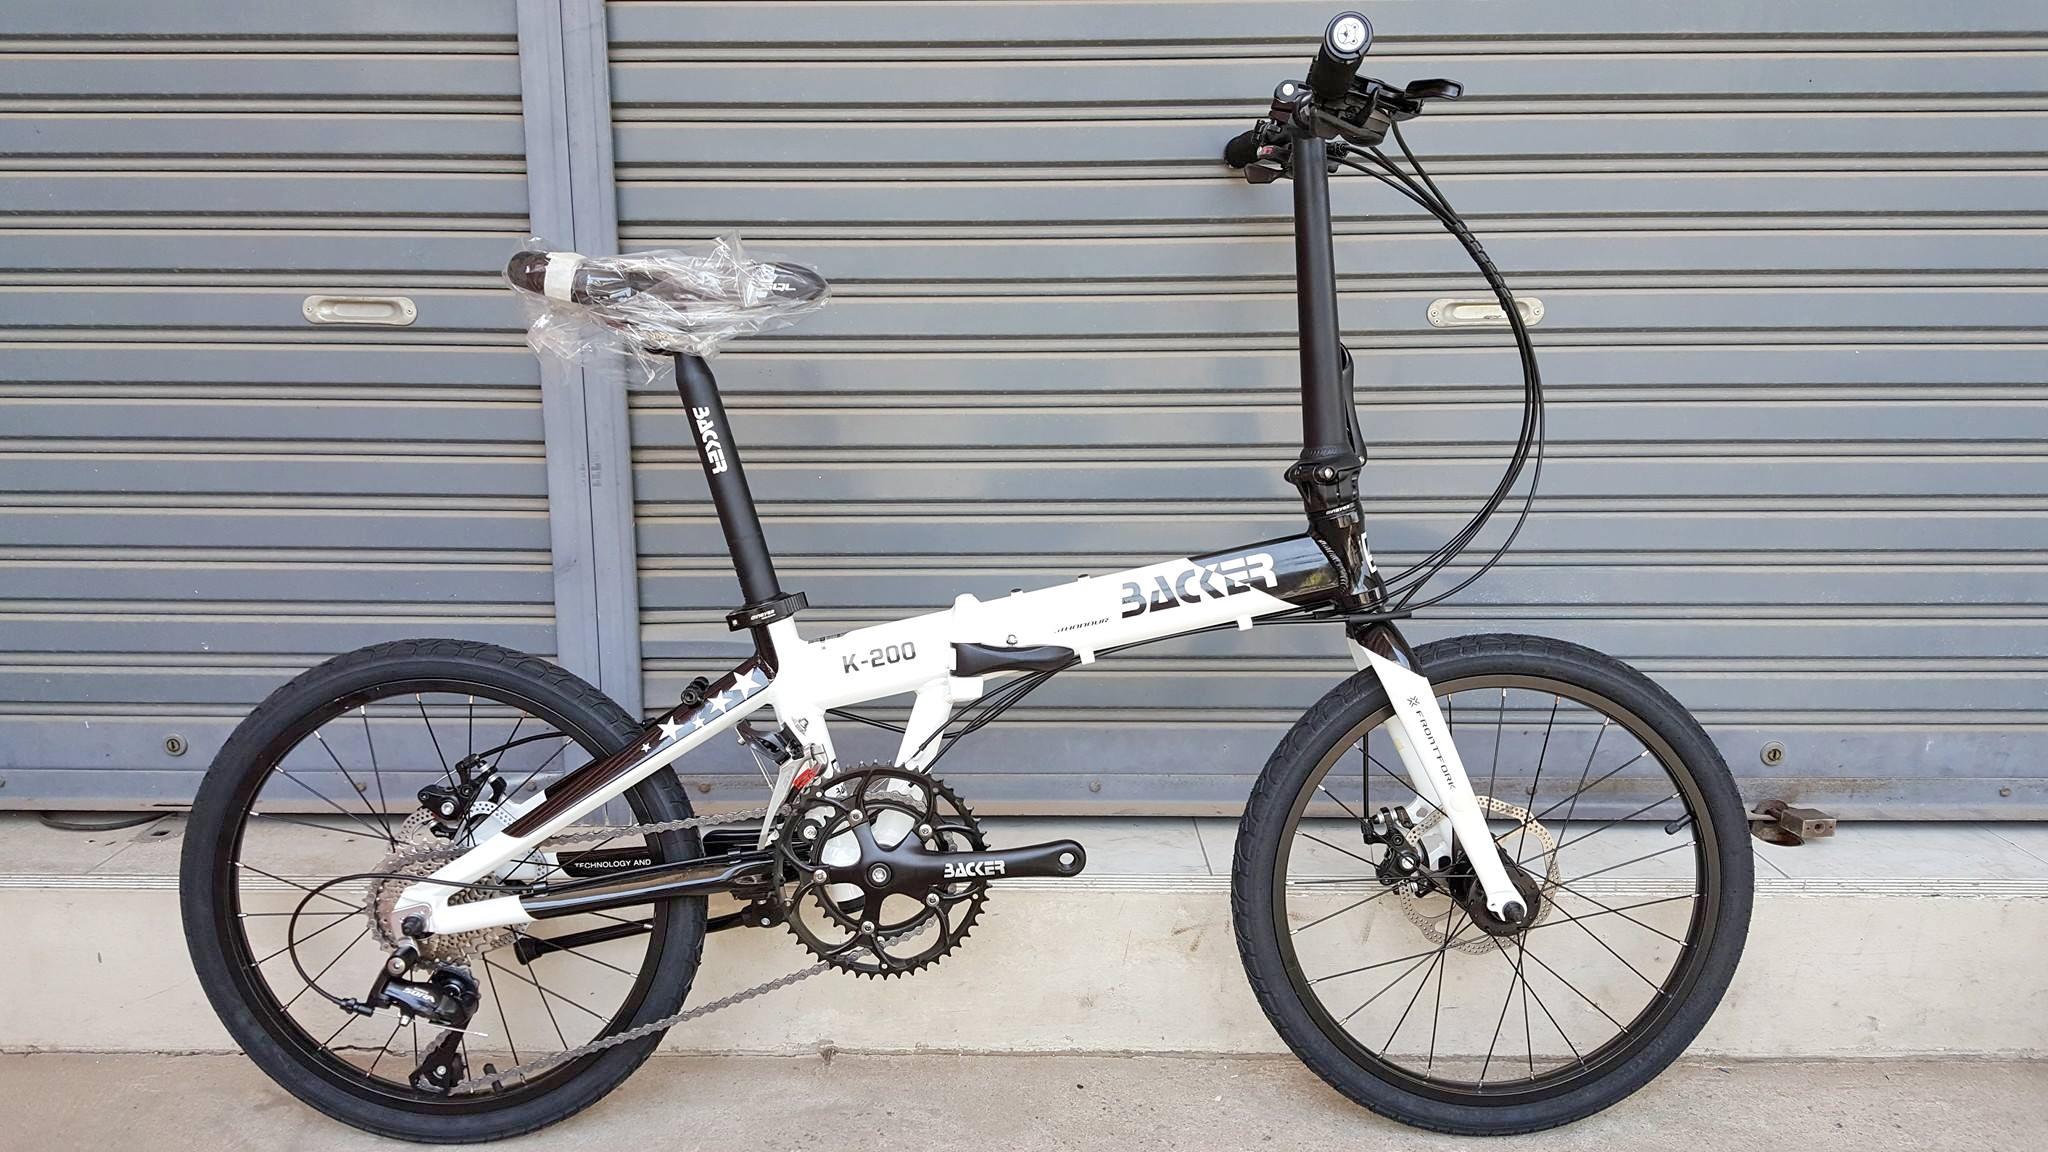 จักรยานพับ ล้อ 20 นิ้ว Twitter Backer รุ่น K200 เฟรมอลูสีขาวดำ เกียร์ Shimano Sora 18 Speed ดุมล้อแบริ่ง จุดพับ Auto